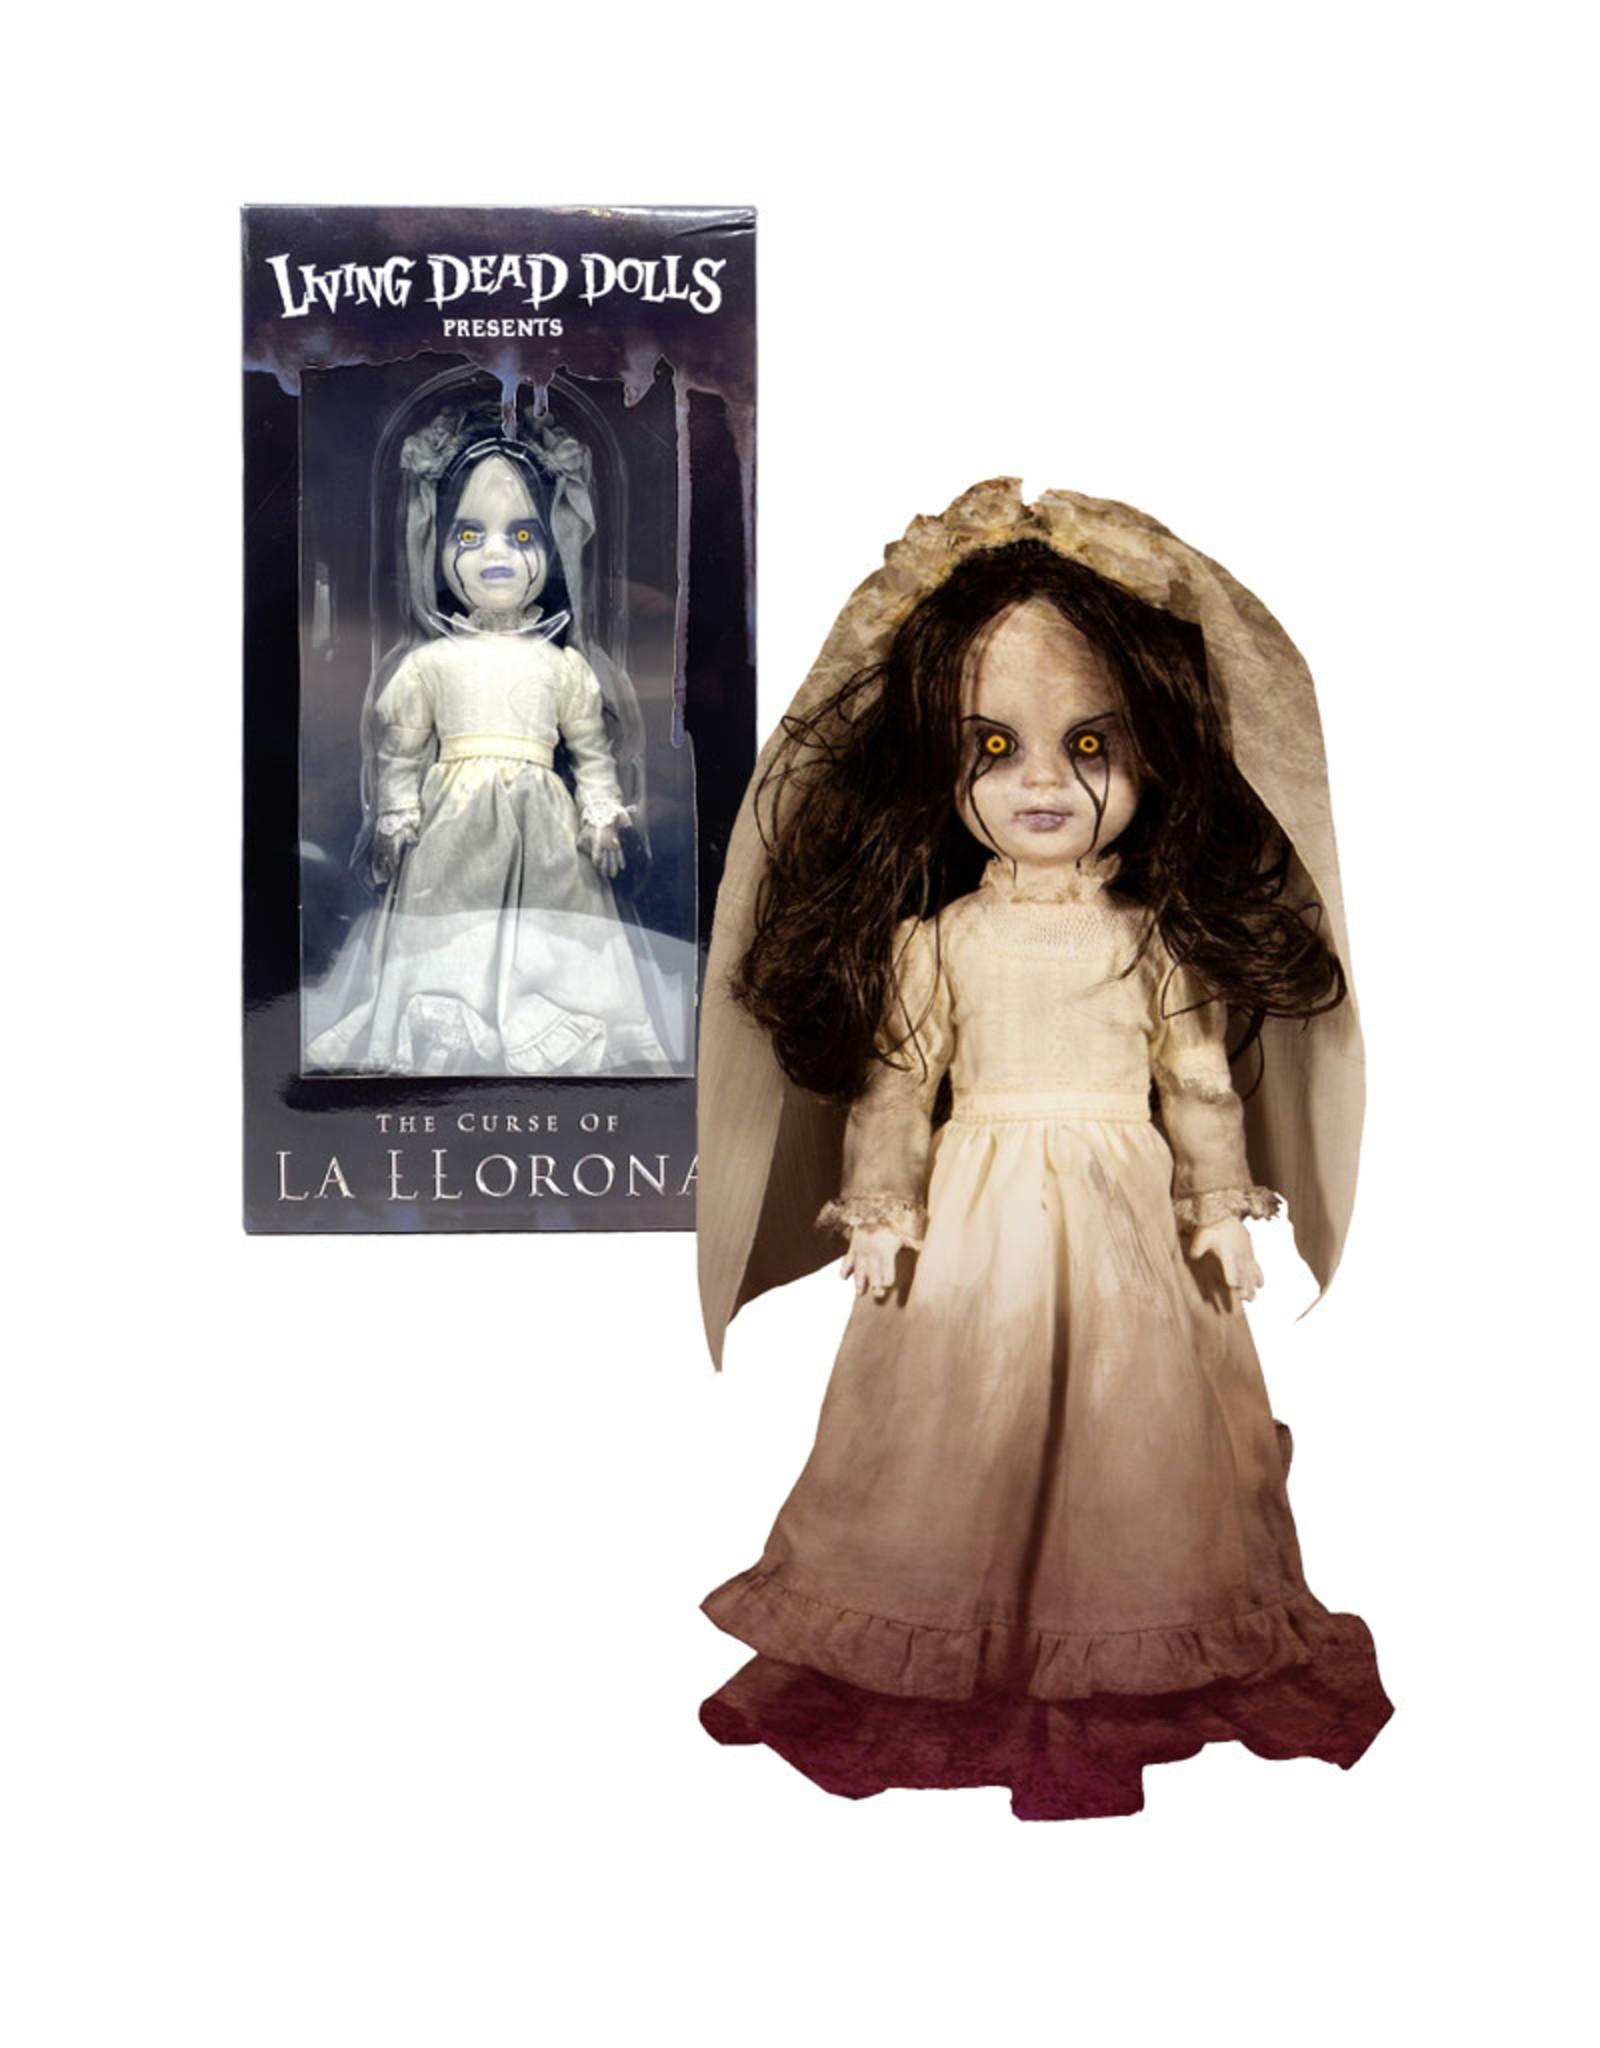 Living Dead Dolls Presents La Llorona 10 Inch Collectible Doll